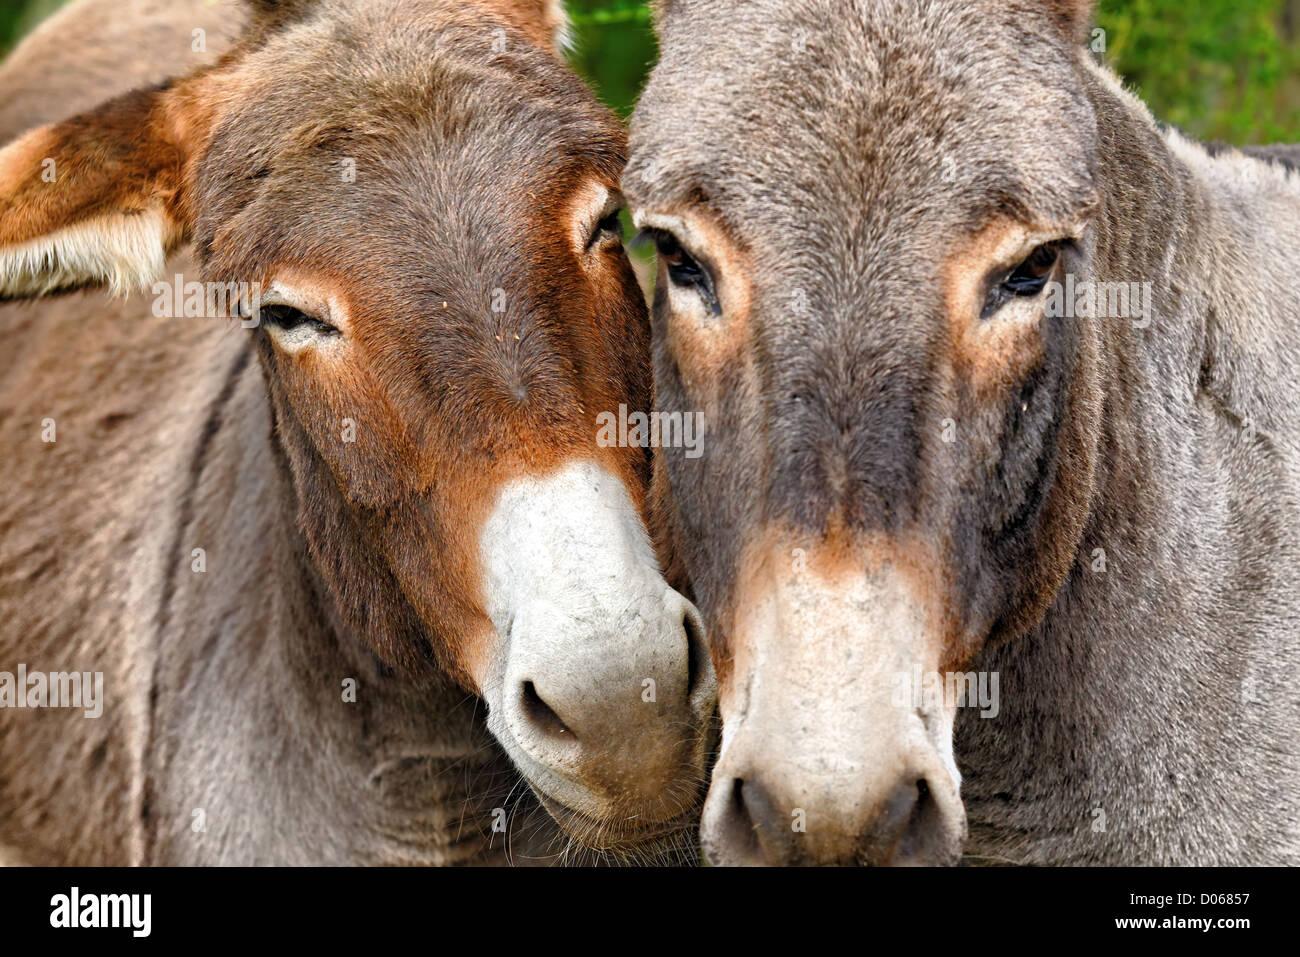 Szene der Zärtlichkeit zwischen zwei Esel Stockbild